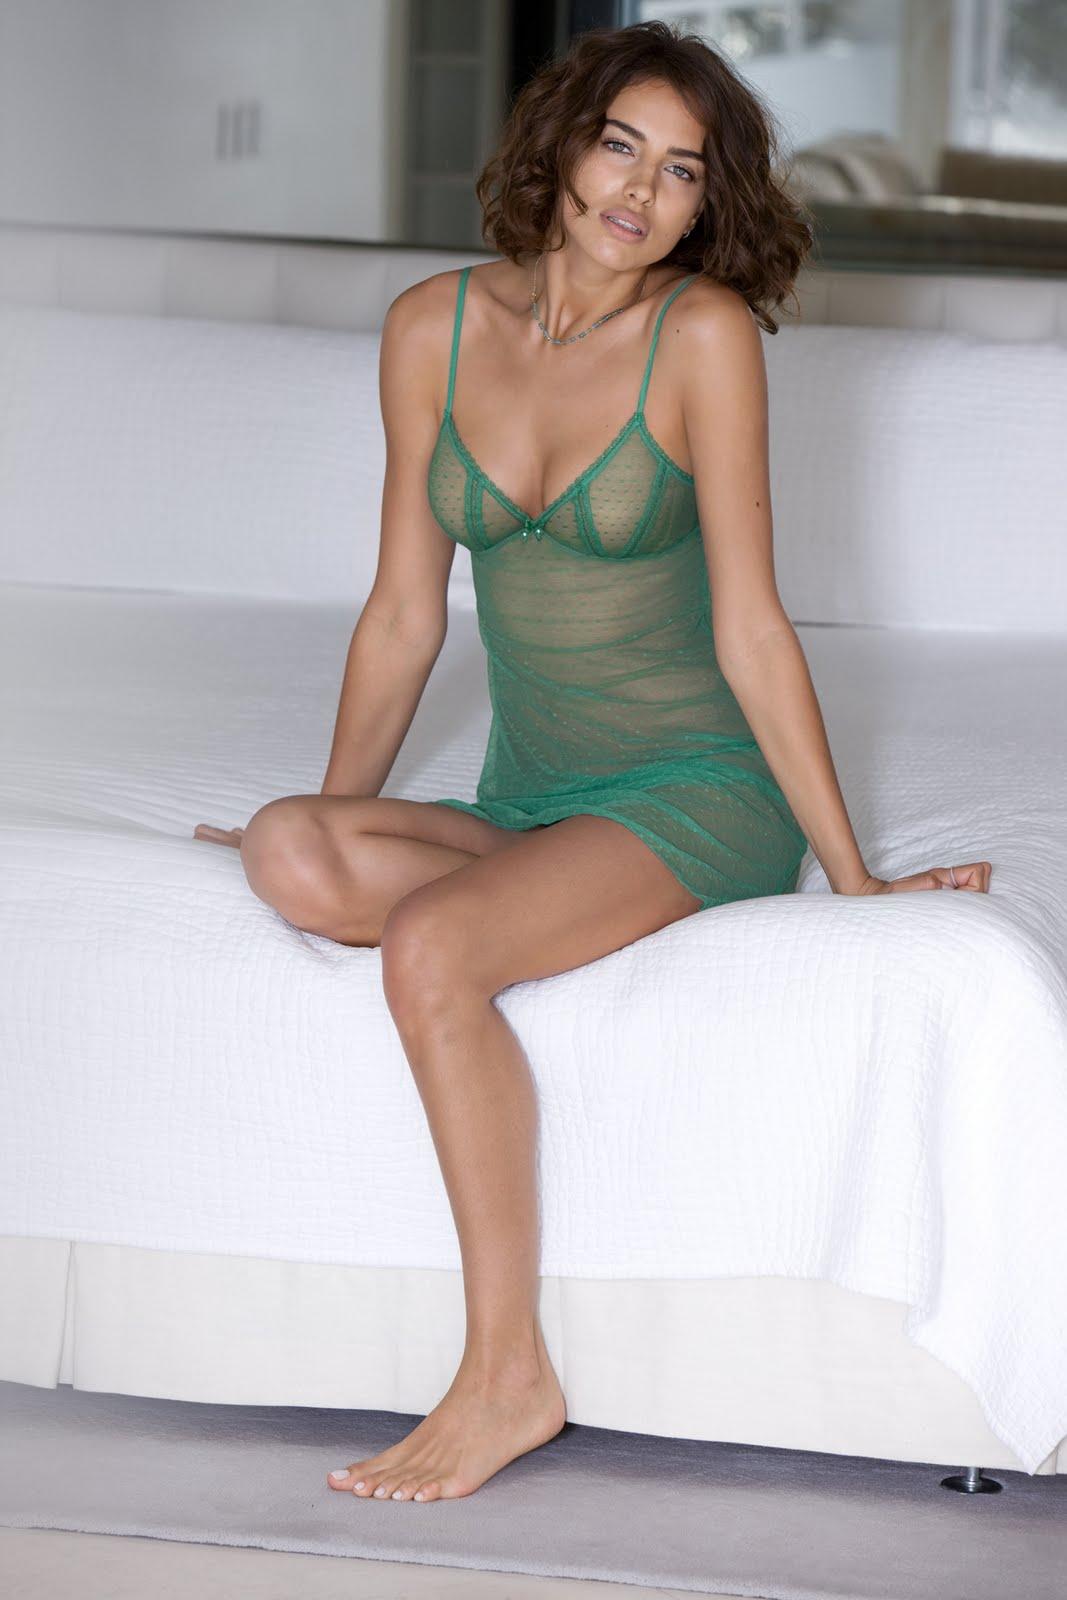 http://4.bp.blogspot.com/_UaLWp72nij4/S9H5Qc-b6DI/AAAAAAAAIVY/B3thPyLbBX4/s1600/irina-sheik-feet-5.jpg